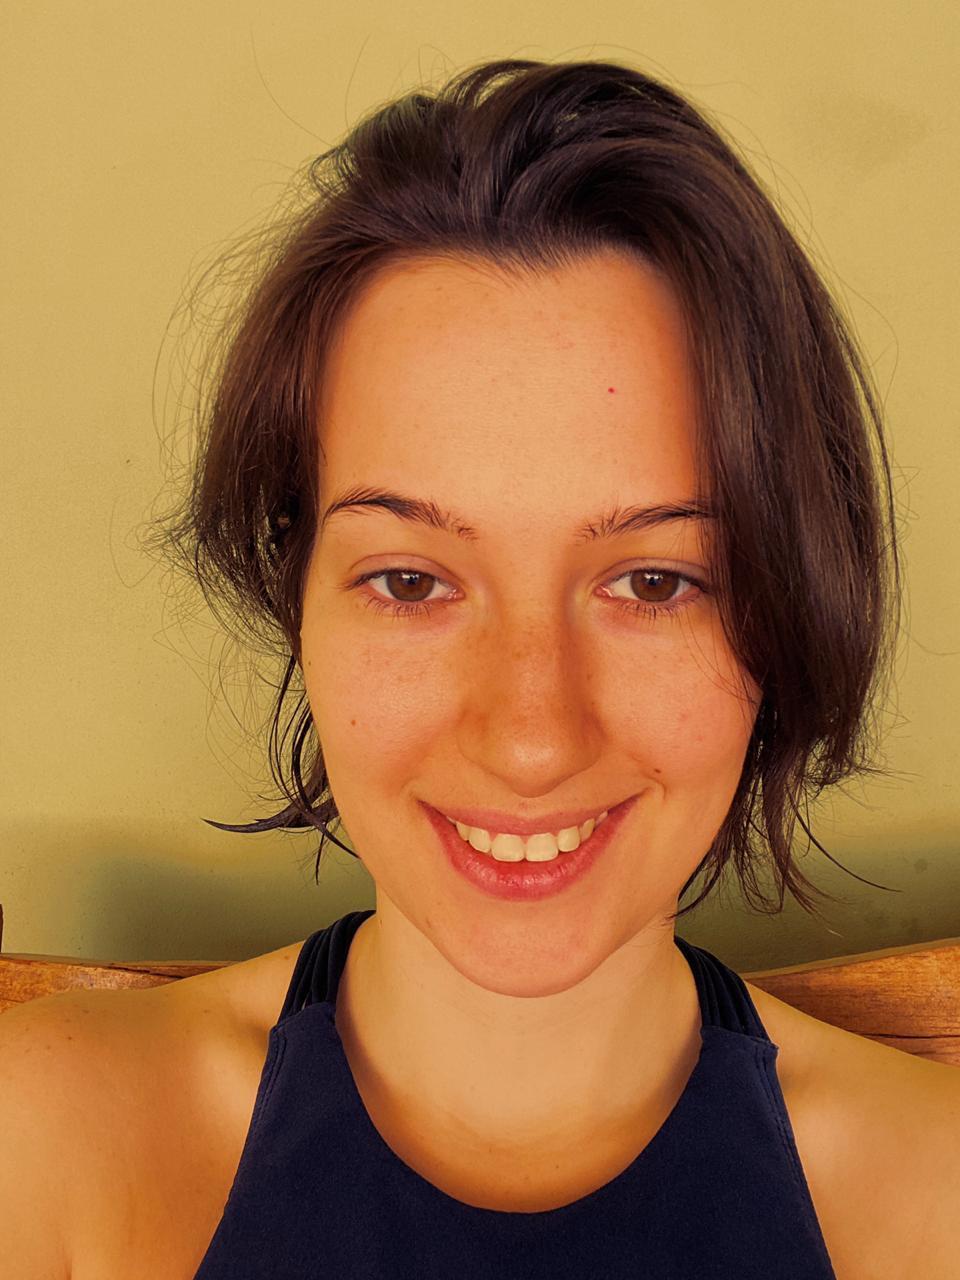 femme aux cheveux bruns courts et ondulés